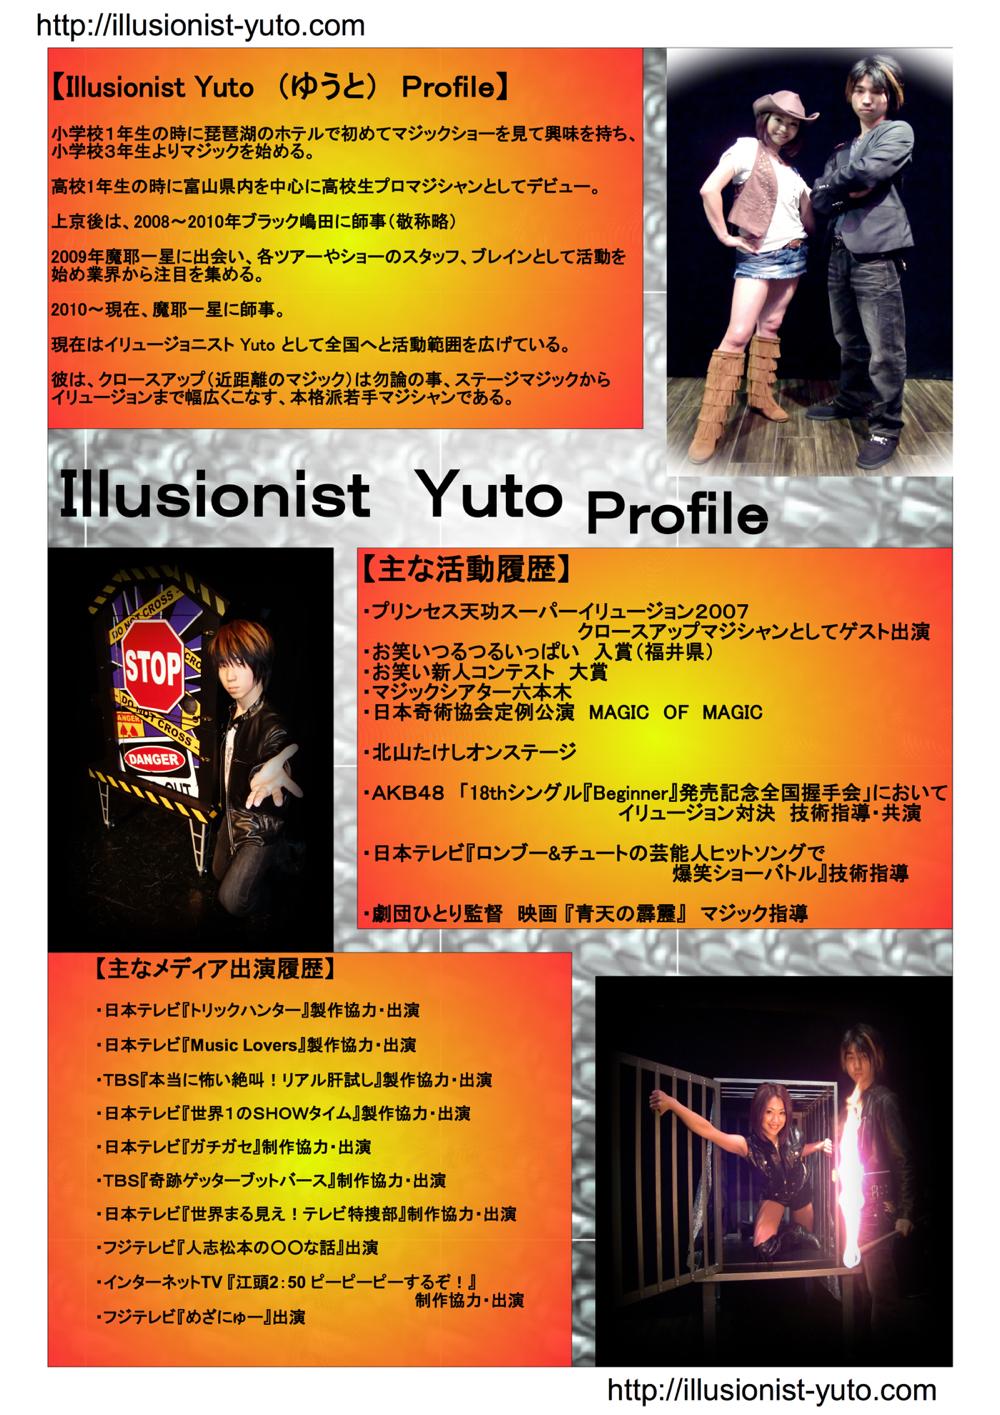 profile1 y m2015 2